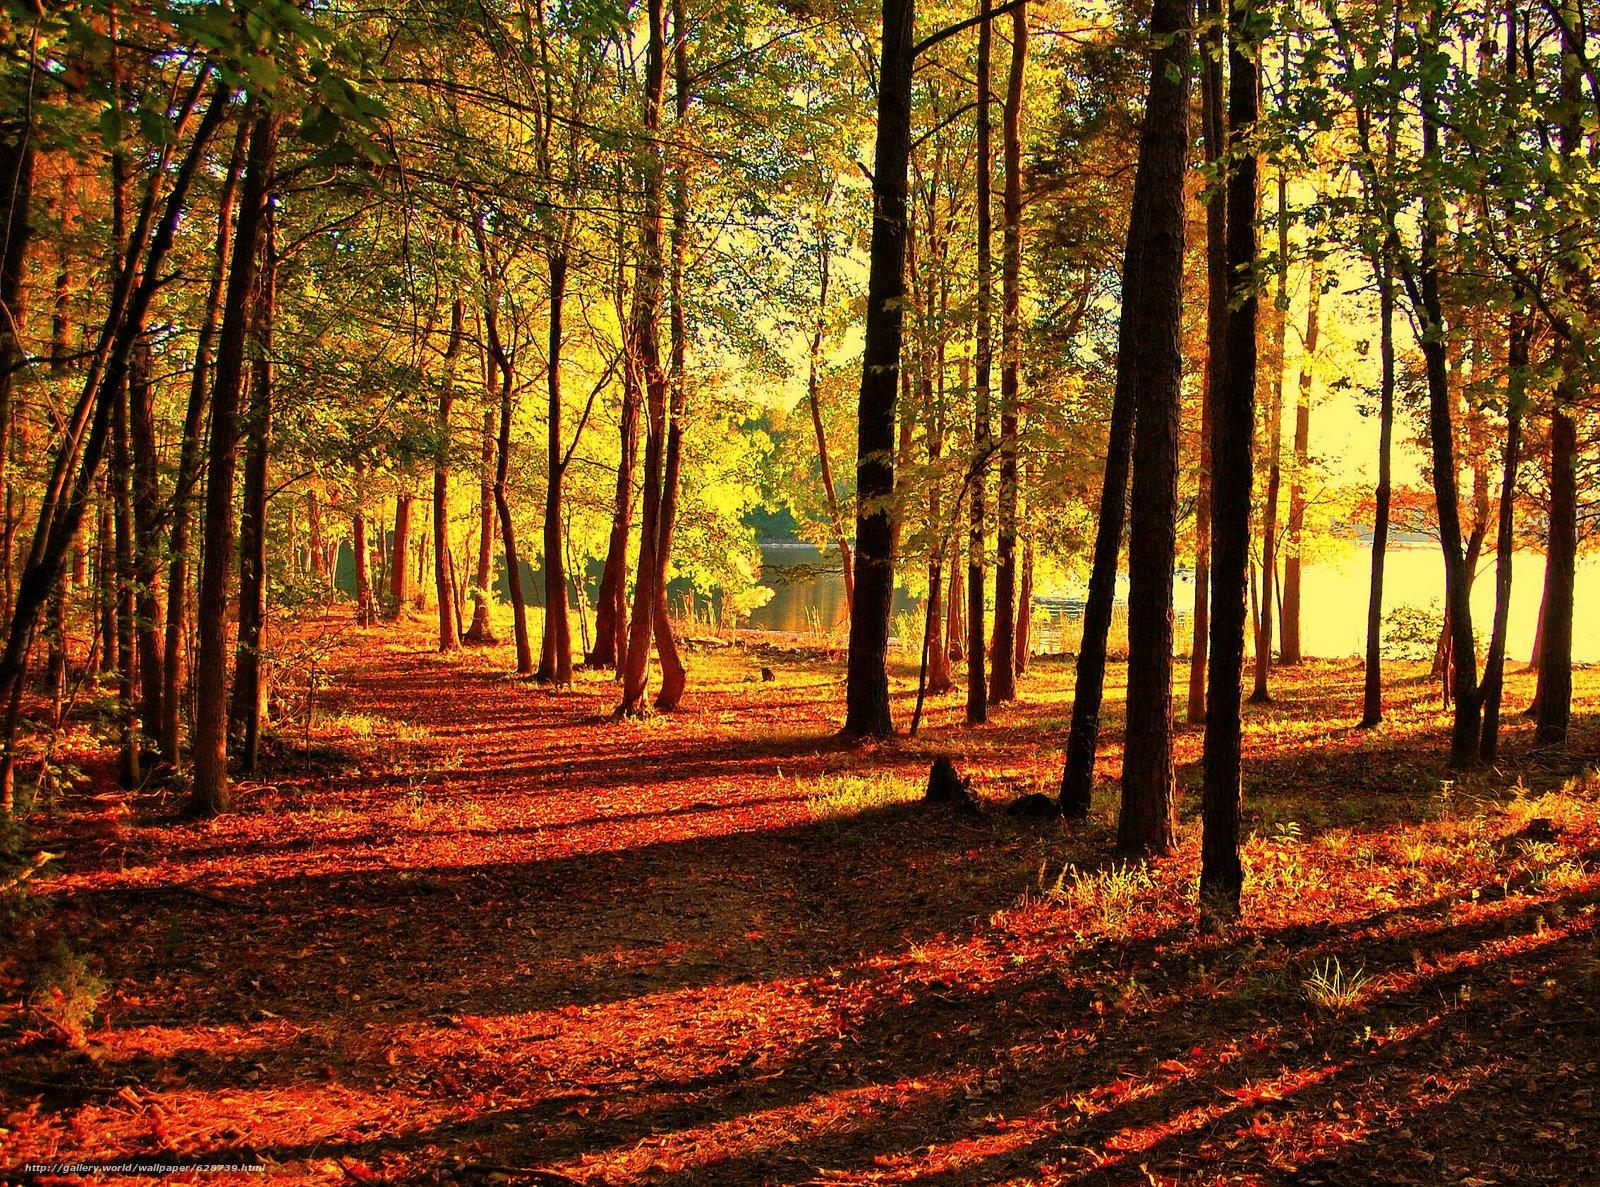 estrada, ?rvores, parque, lagoa, outono, paisagem